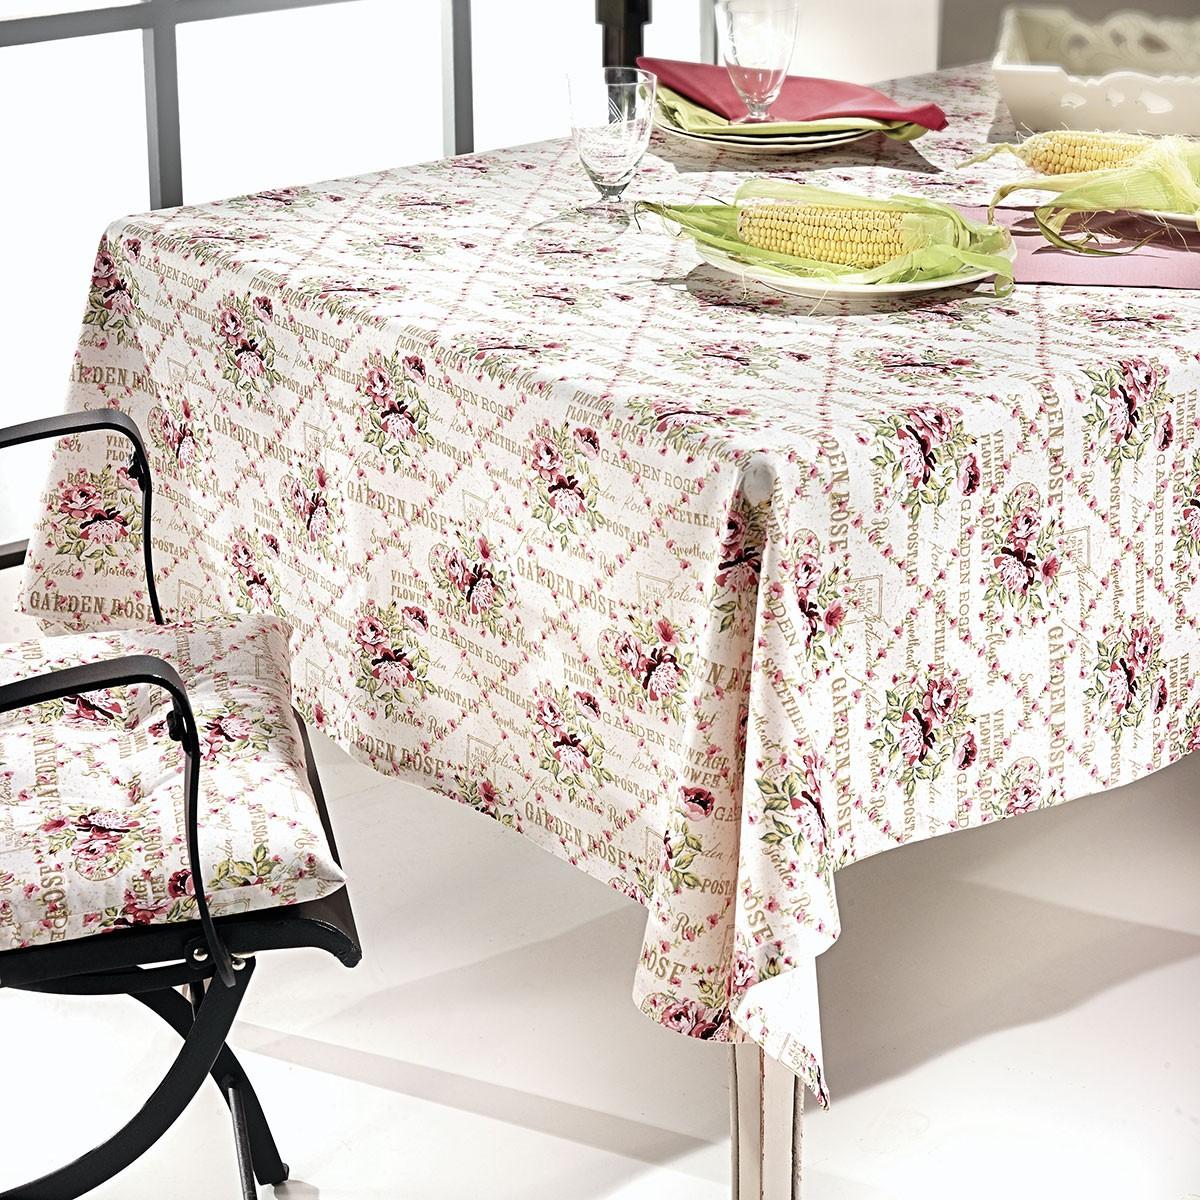 Τραπεζομάντηλο (150x190) Nima Garden Rose 01 Pink